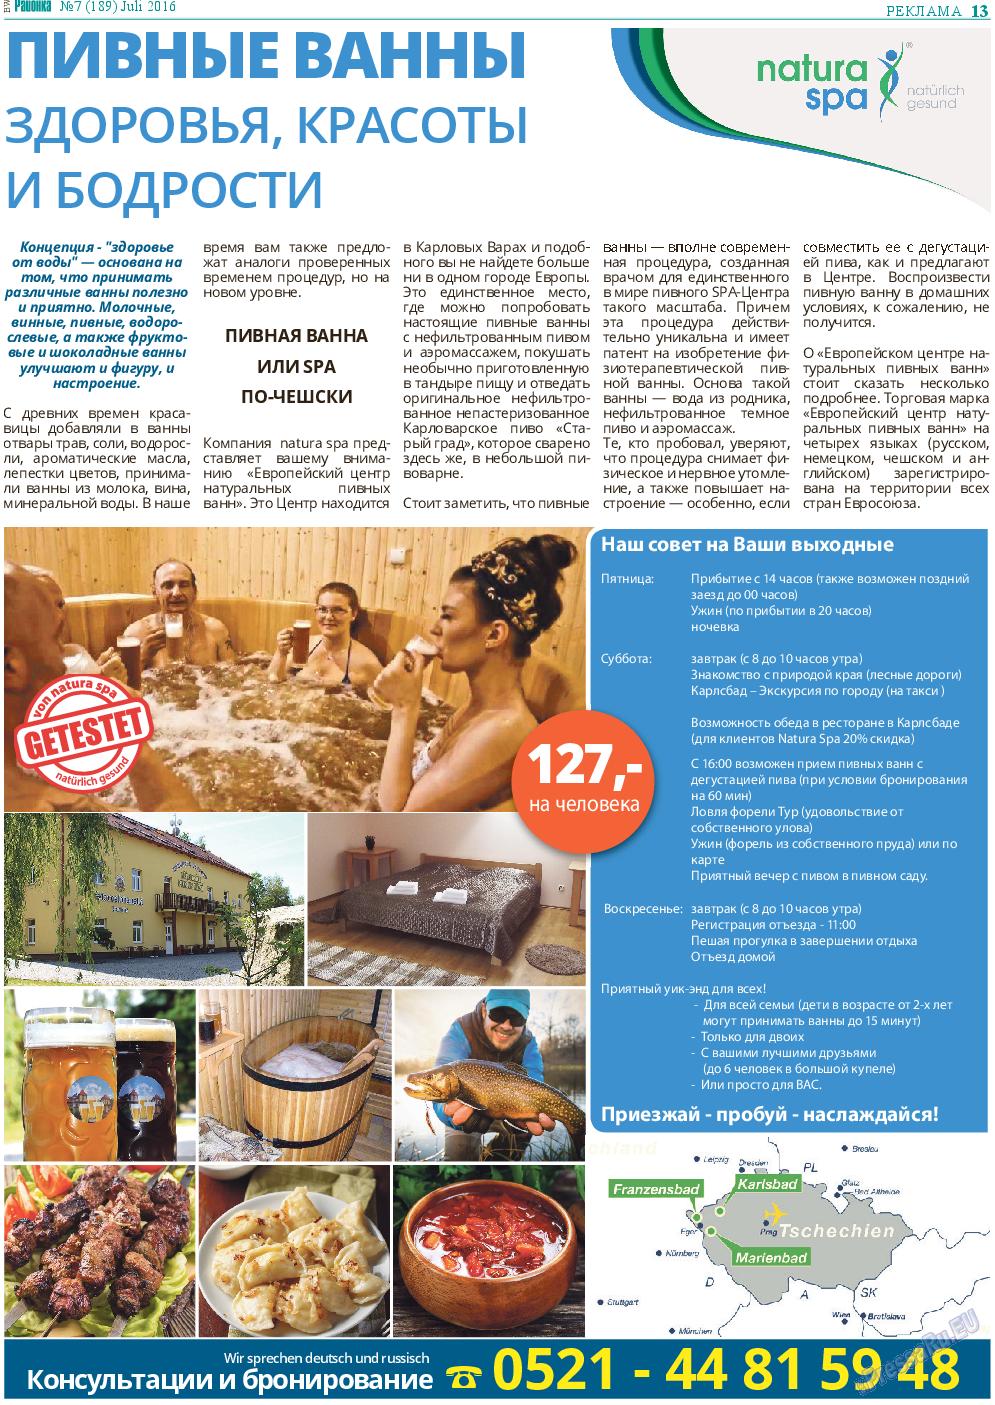 Районка-West (газета). 2016 год, номер 7, стр. 13